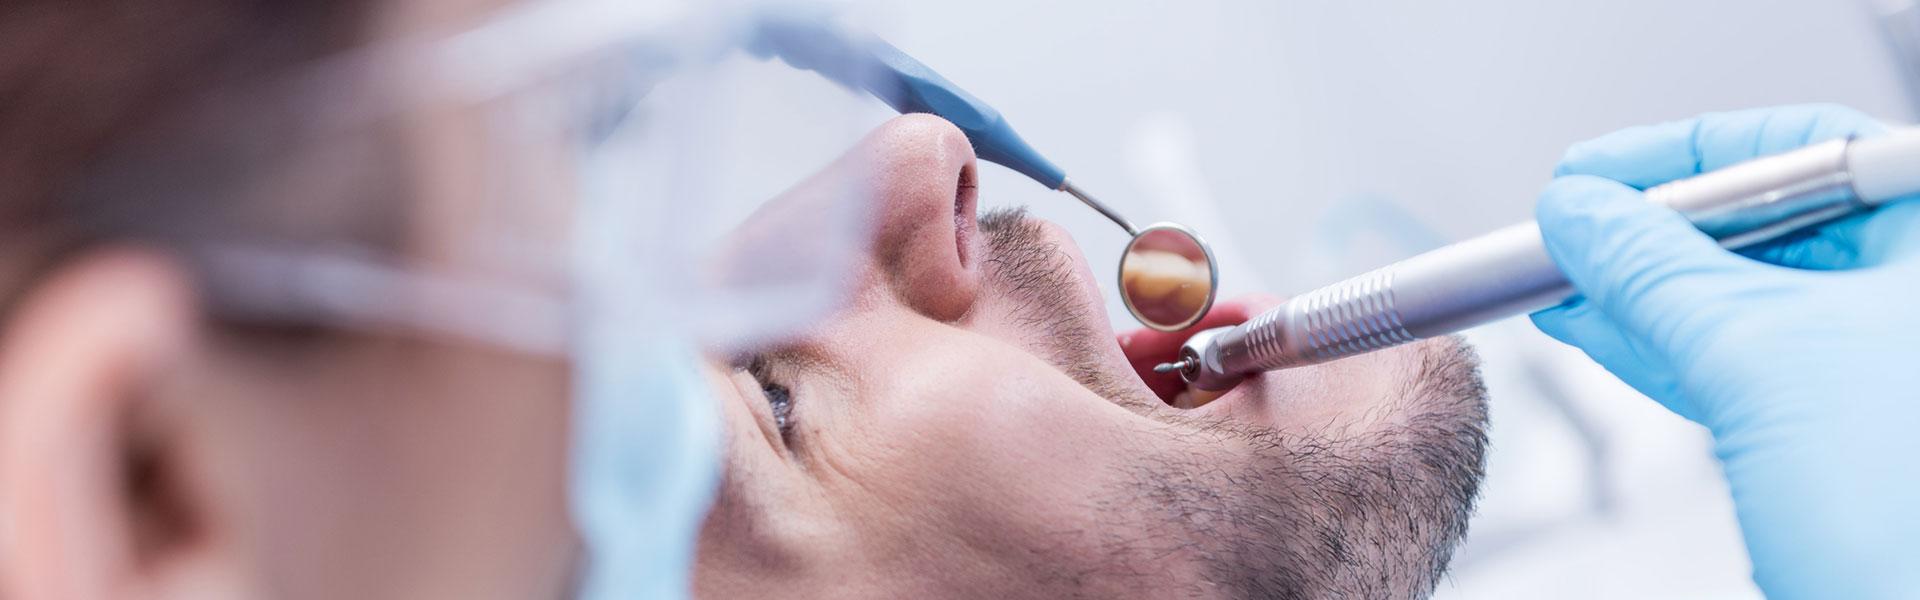 A man having a dental sugary at the dental